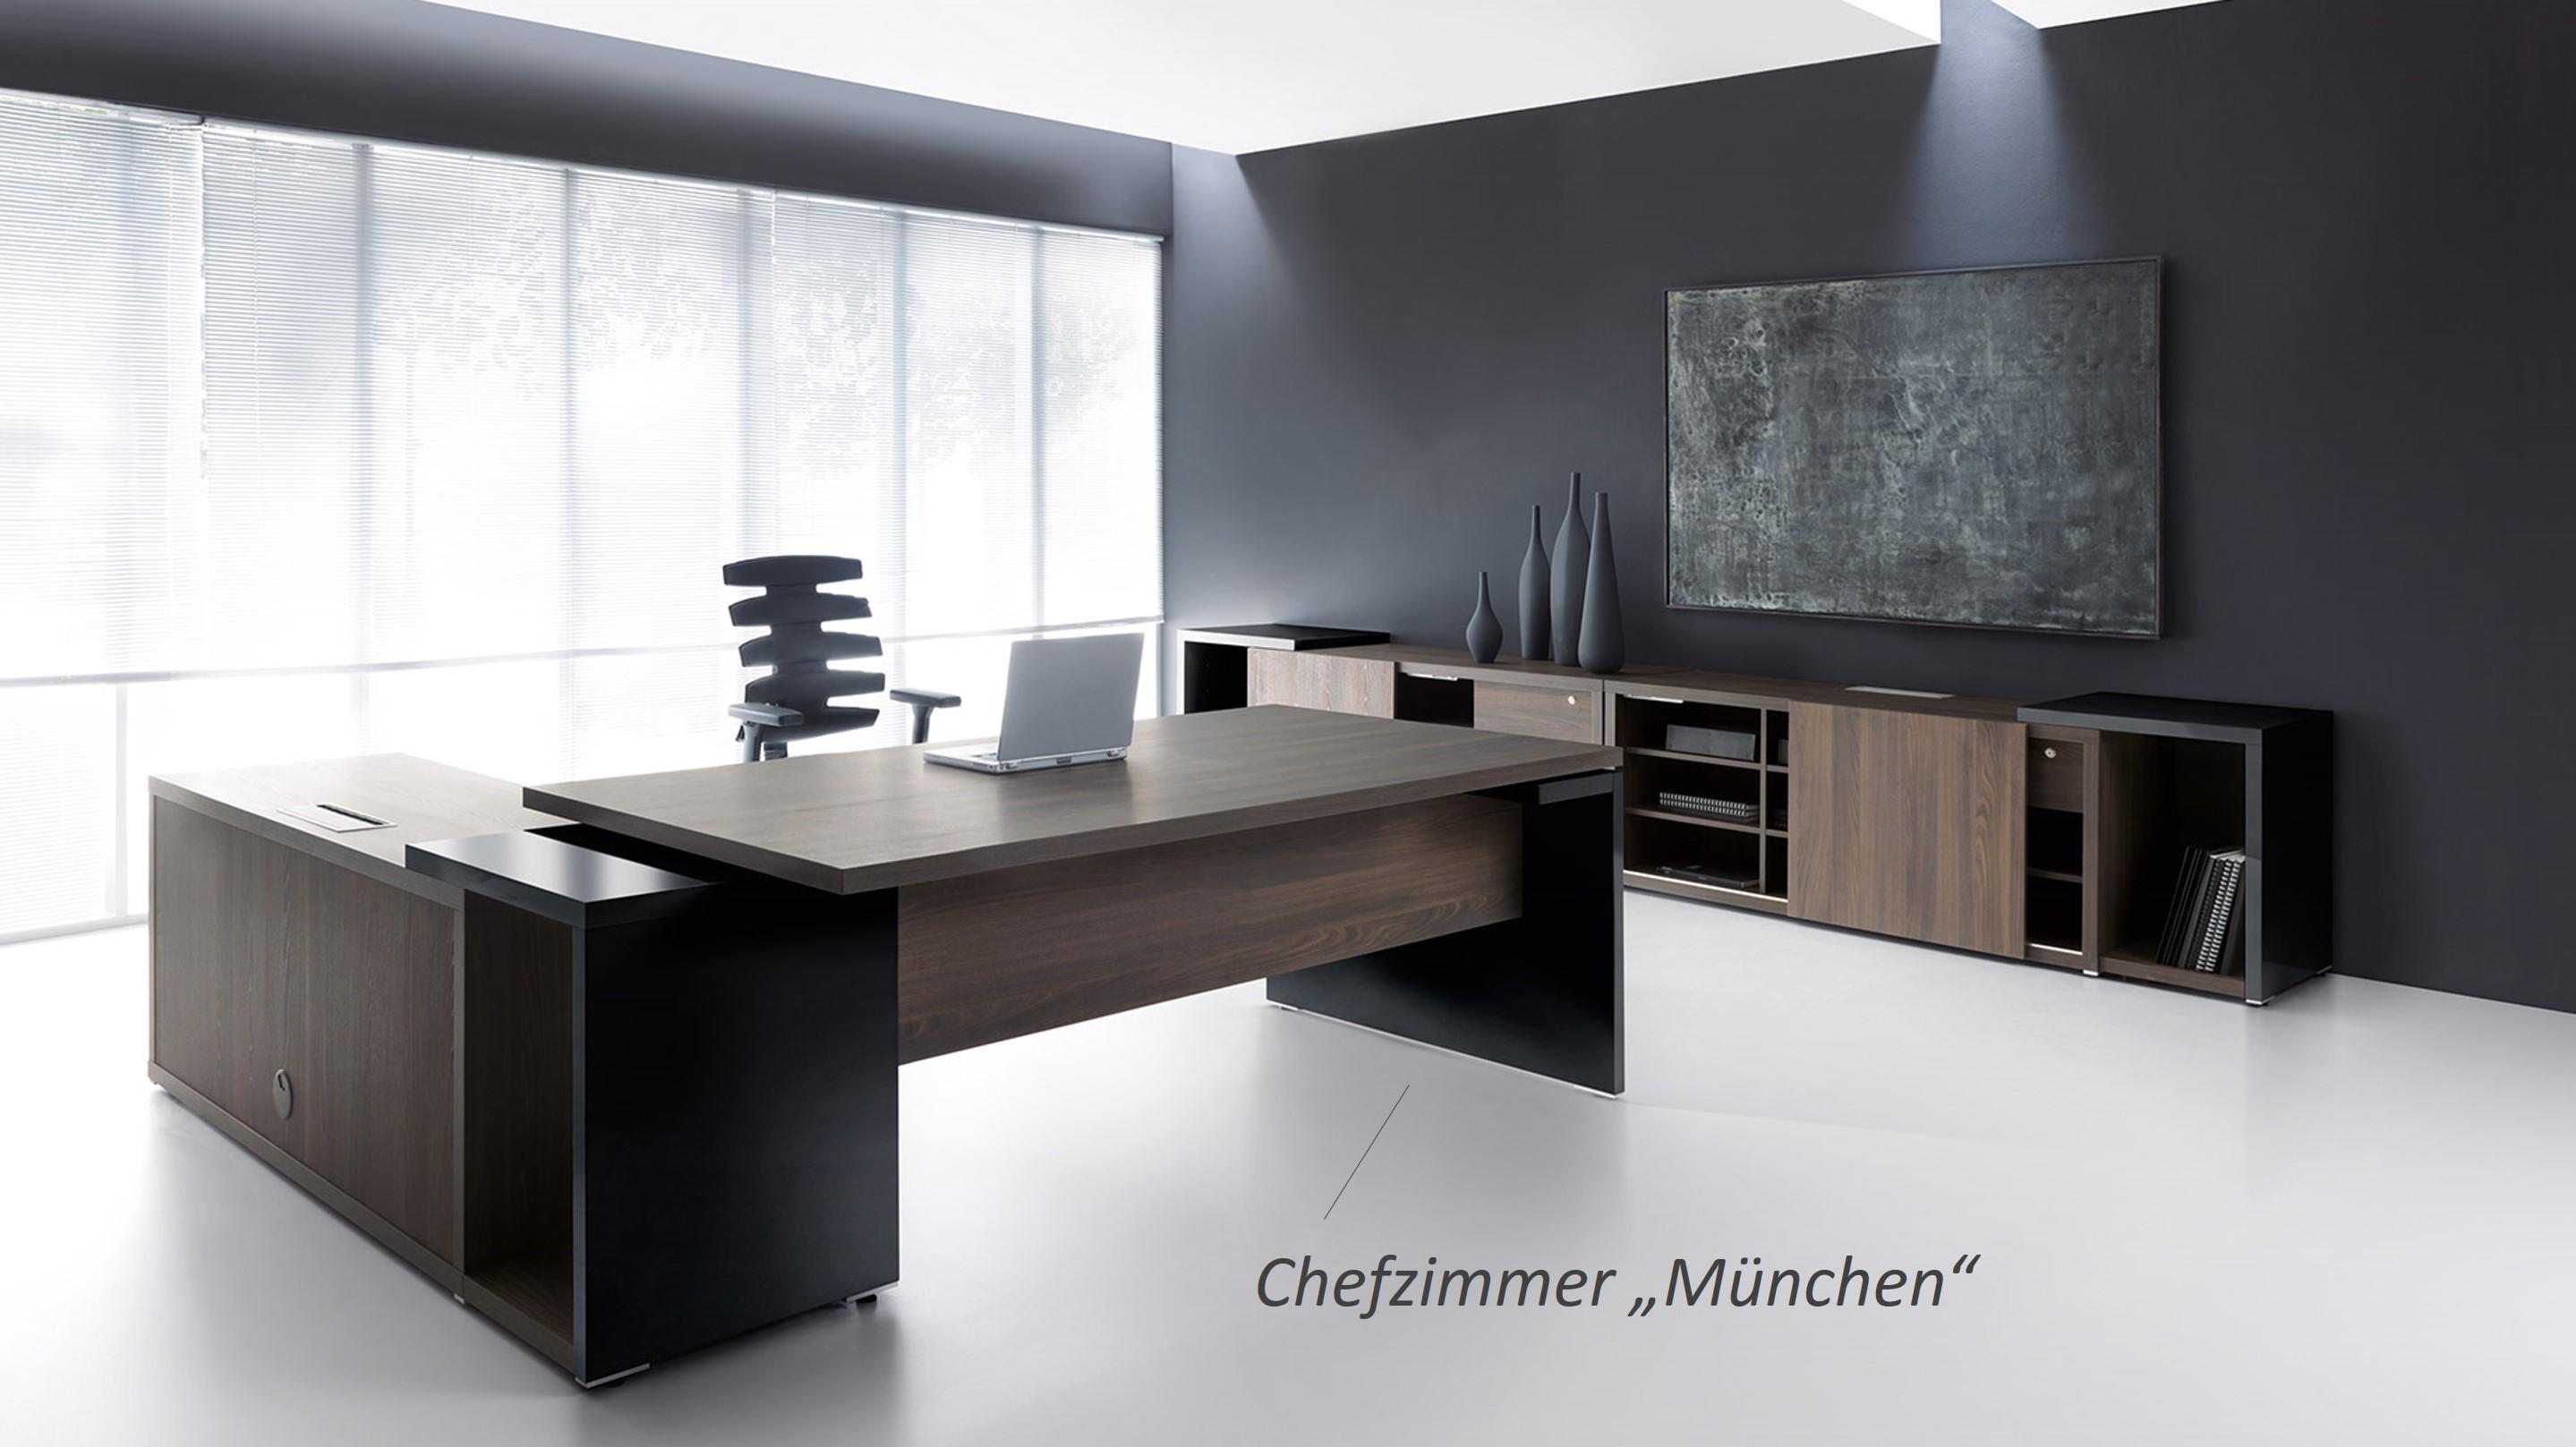 STOCK Büroeinrichtungen - Büromöbel München für Chefzimmer und ...